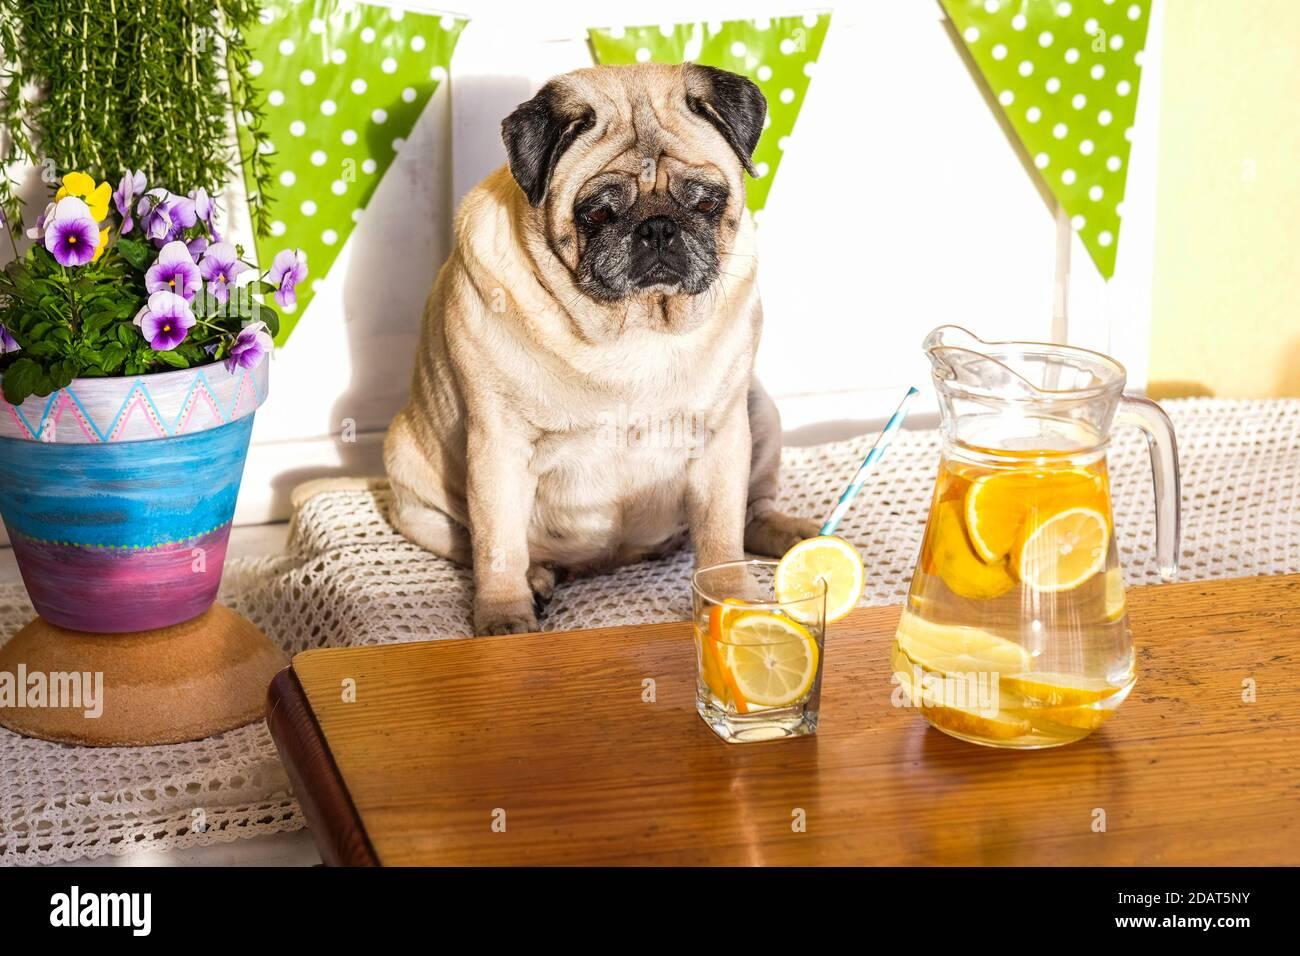 Joli chien drôle de pug regardant une limonade saine de régime sur la table . concept de perte de poids avec l'animal - mode de vie sain et boisson d'eau Banque D'Images